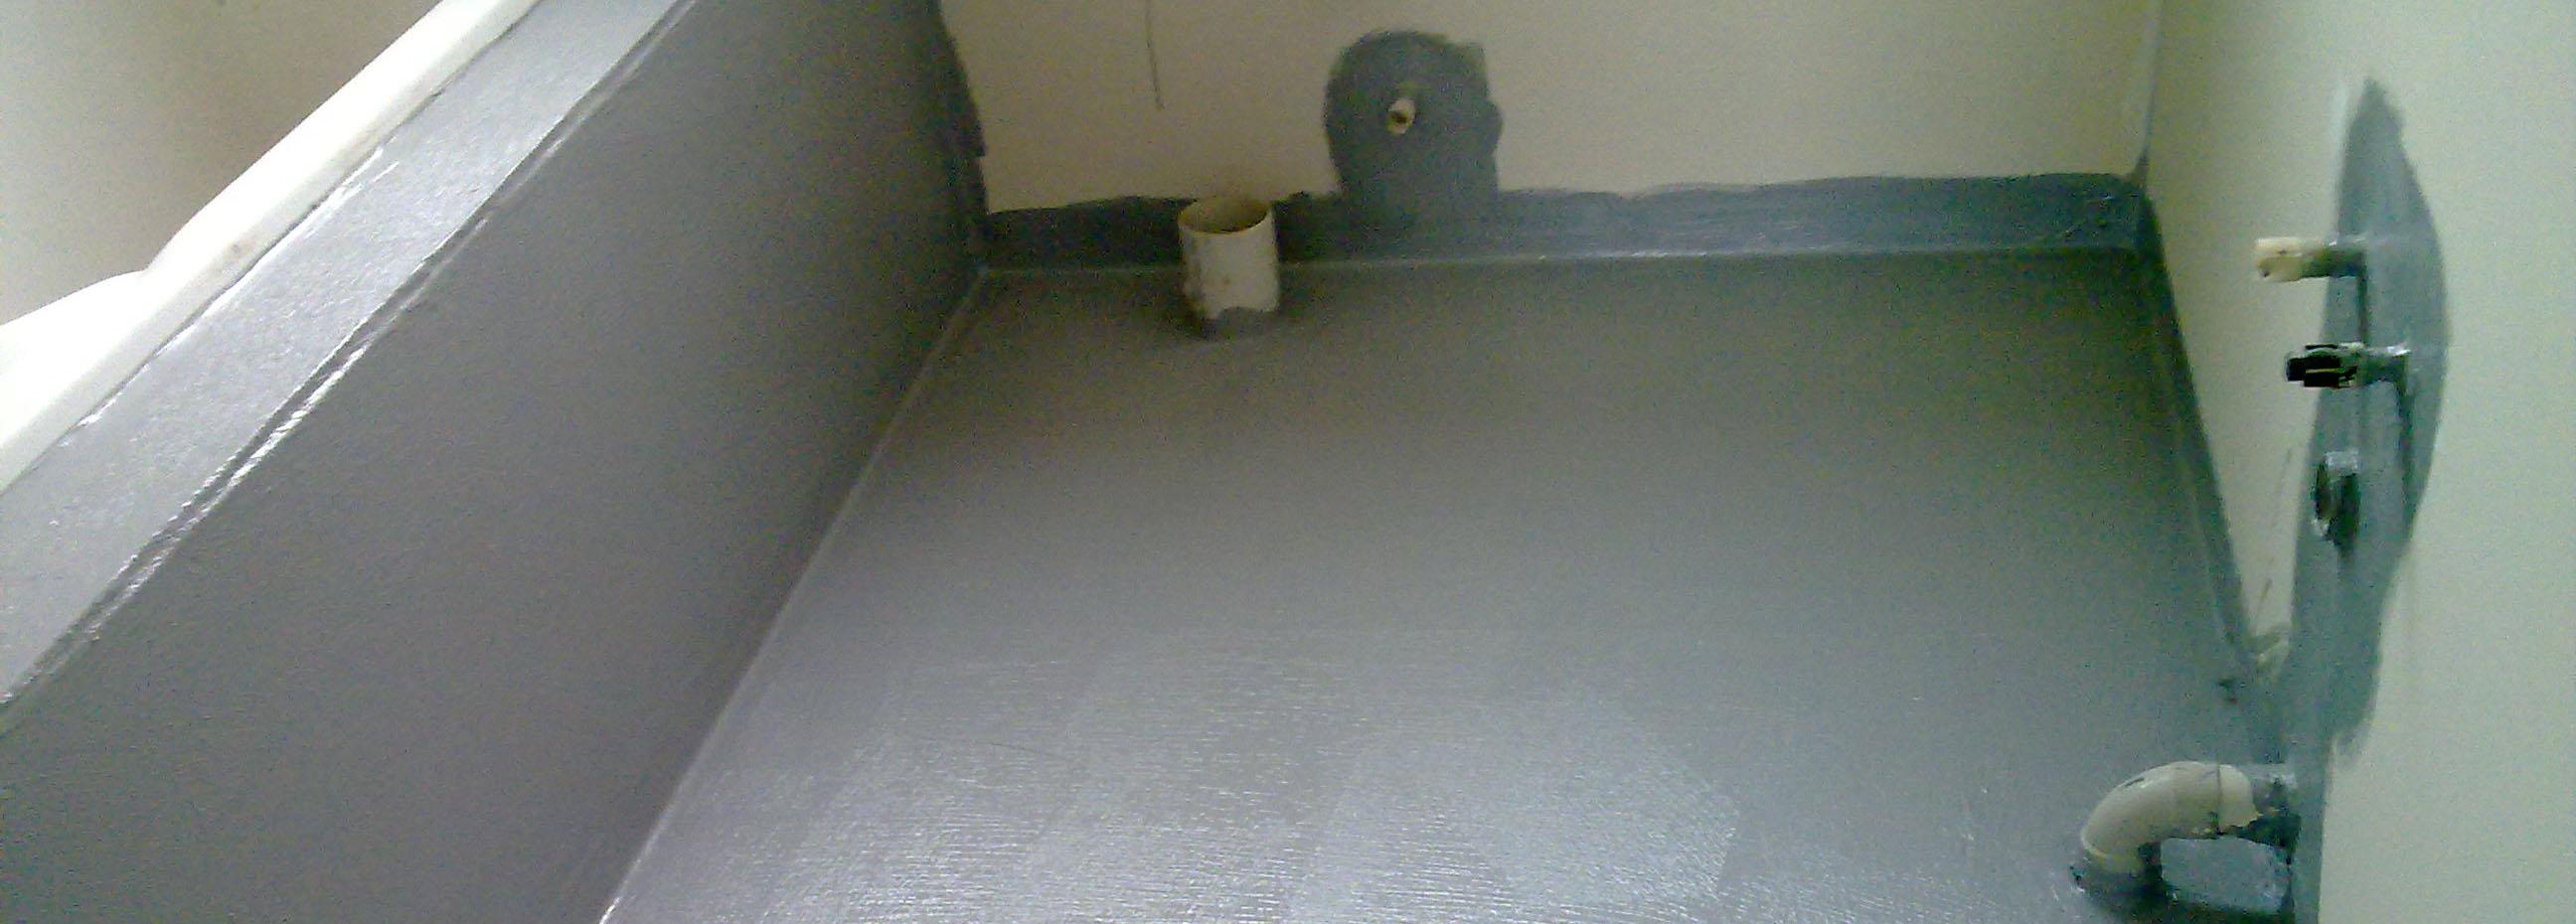 Гидроизоляция вертикальных поверхностей ванных комнат мастика для тортов в домашних условиях рецепт